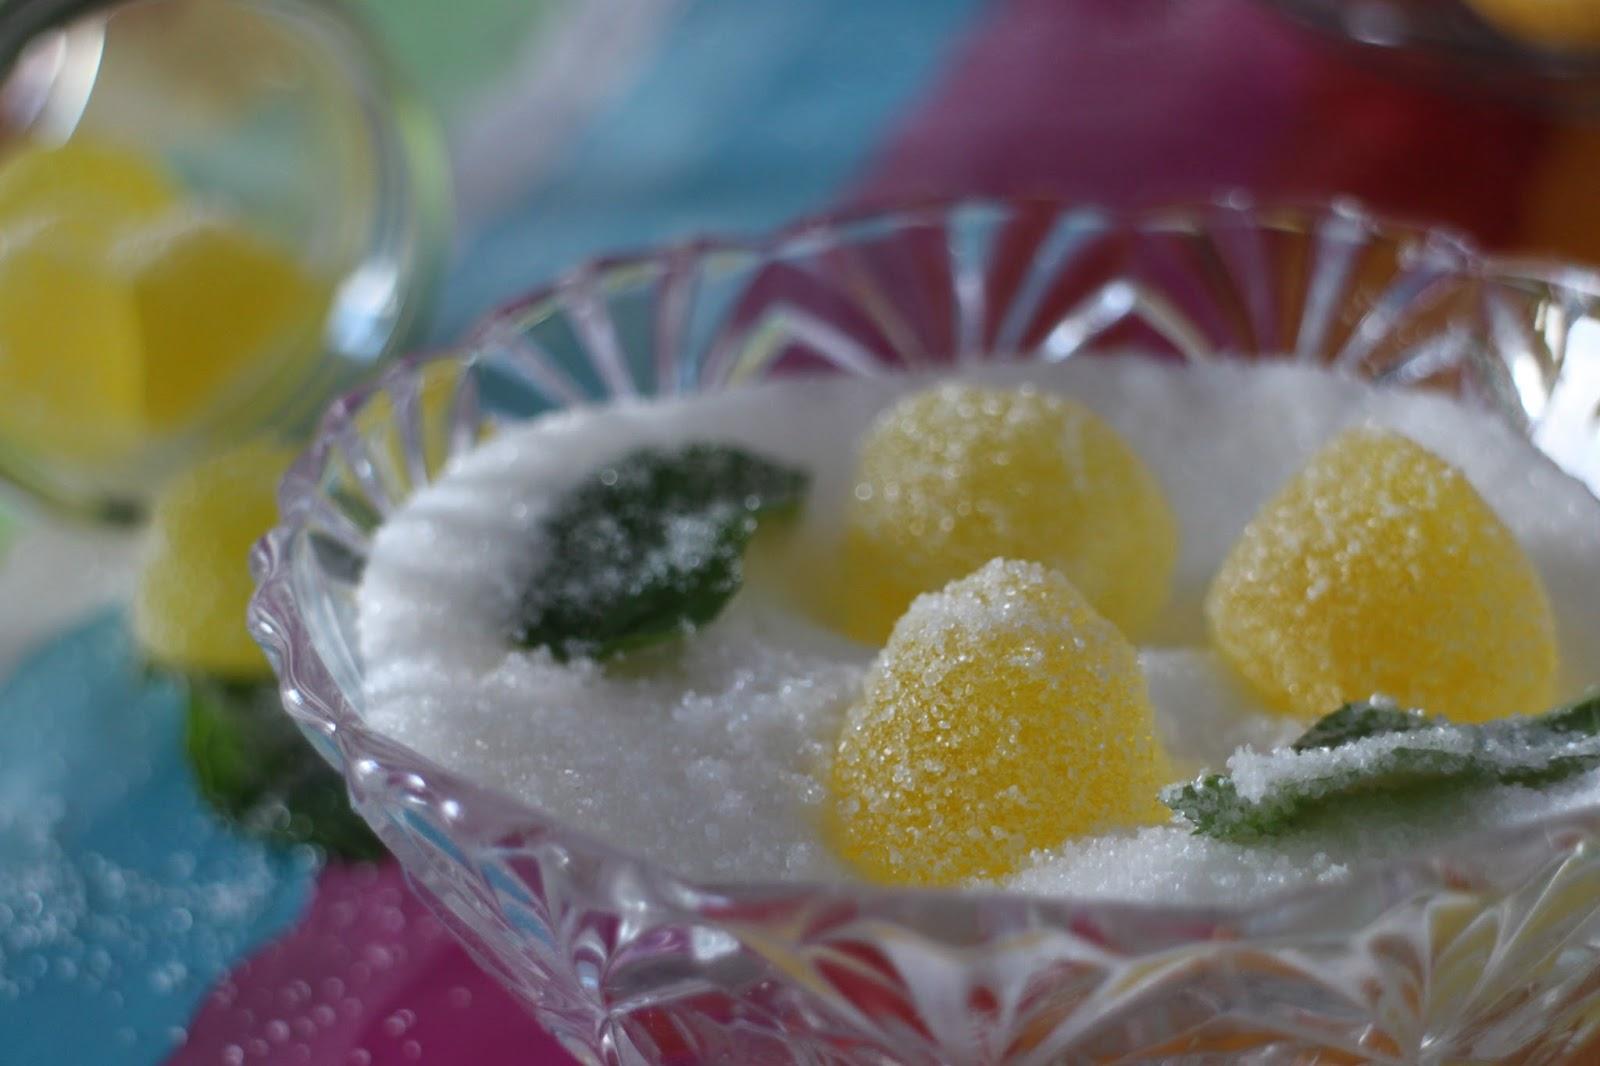 caramelos-de-goma-sabor-mojito, gominolas-de-mojito